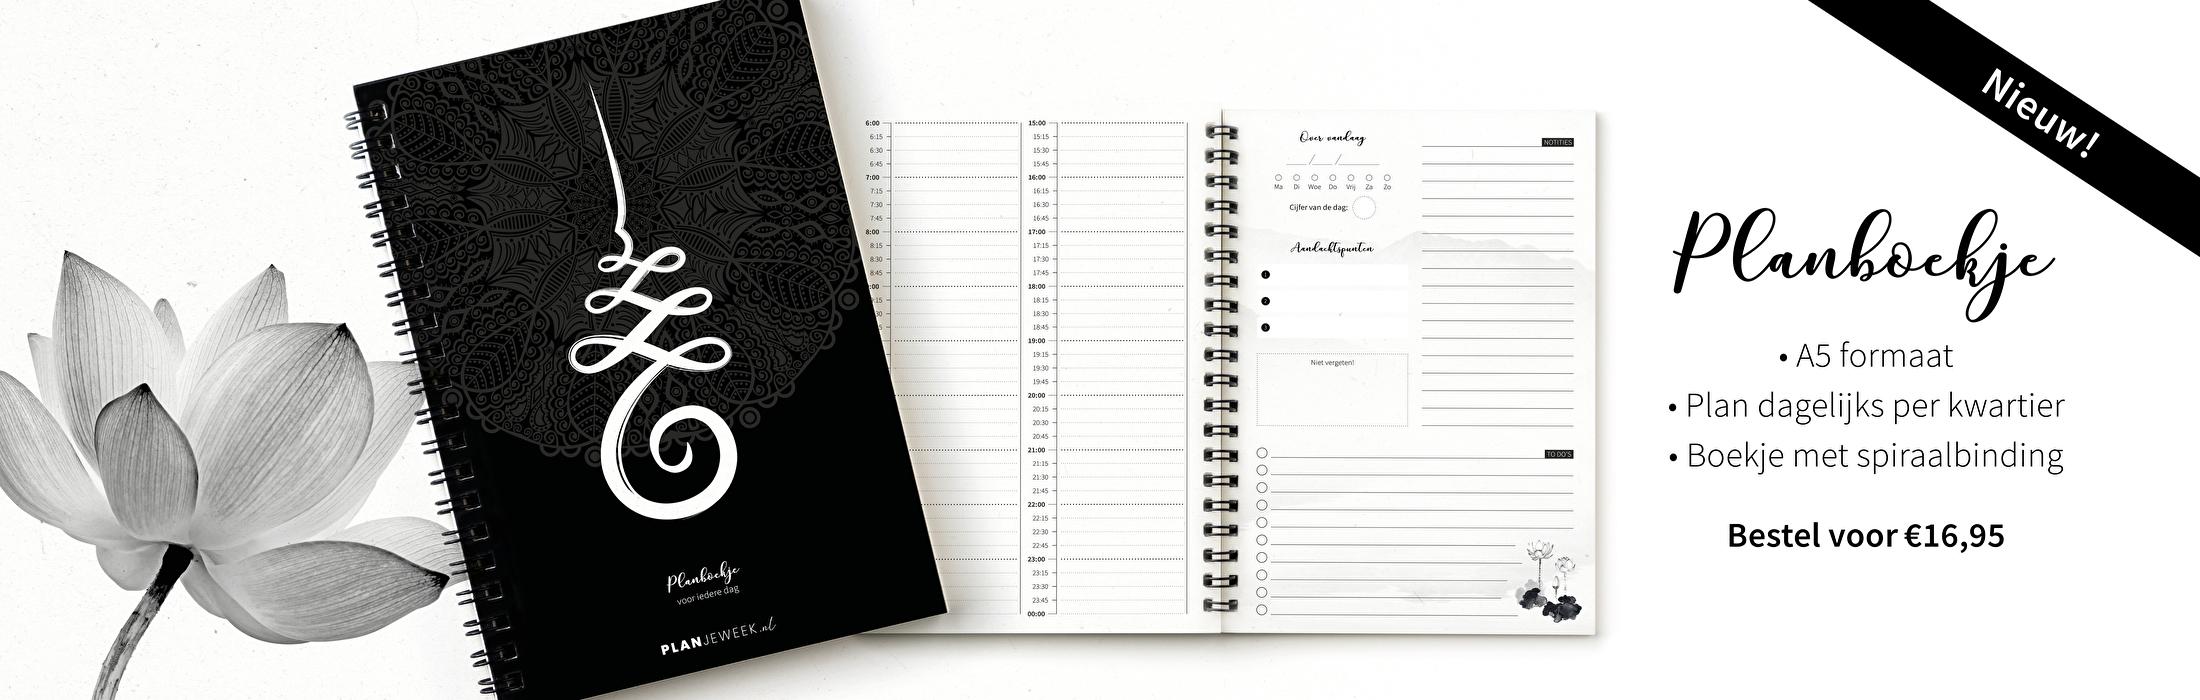 Planboekje